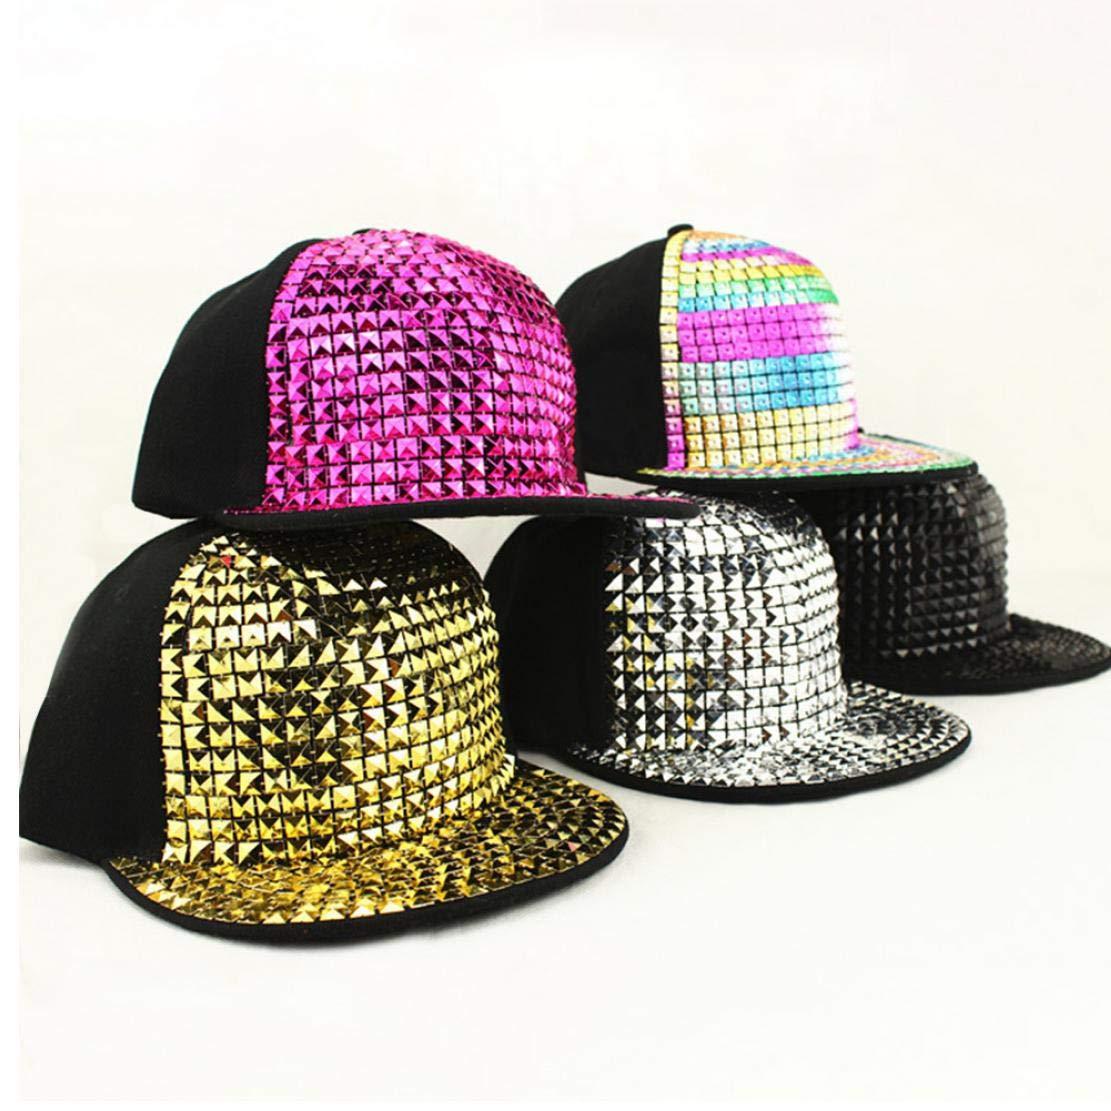 Unisex brillante de lentejuelas reflectante gorra de b/éisbol de los remaches del casquillo del Snapback Caps Hip Hop para Adultos Ni/ños